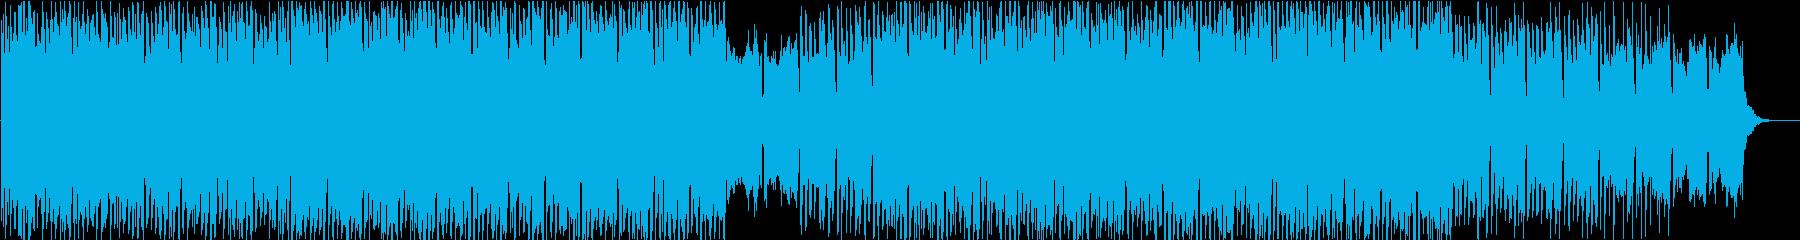 映像やゲームにループ系のBGM(WAV)の再生済みの波形